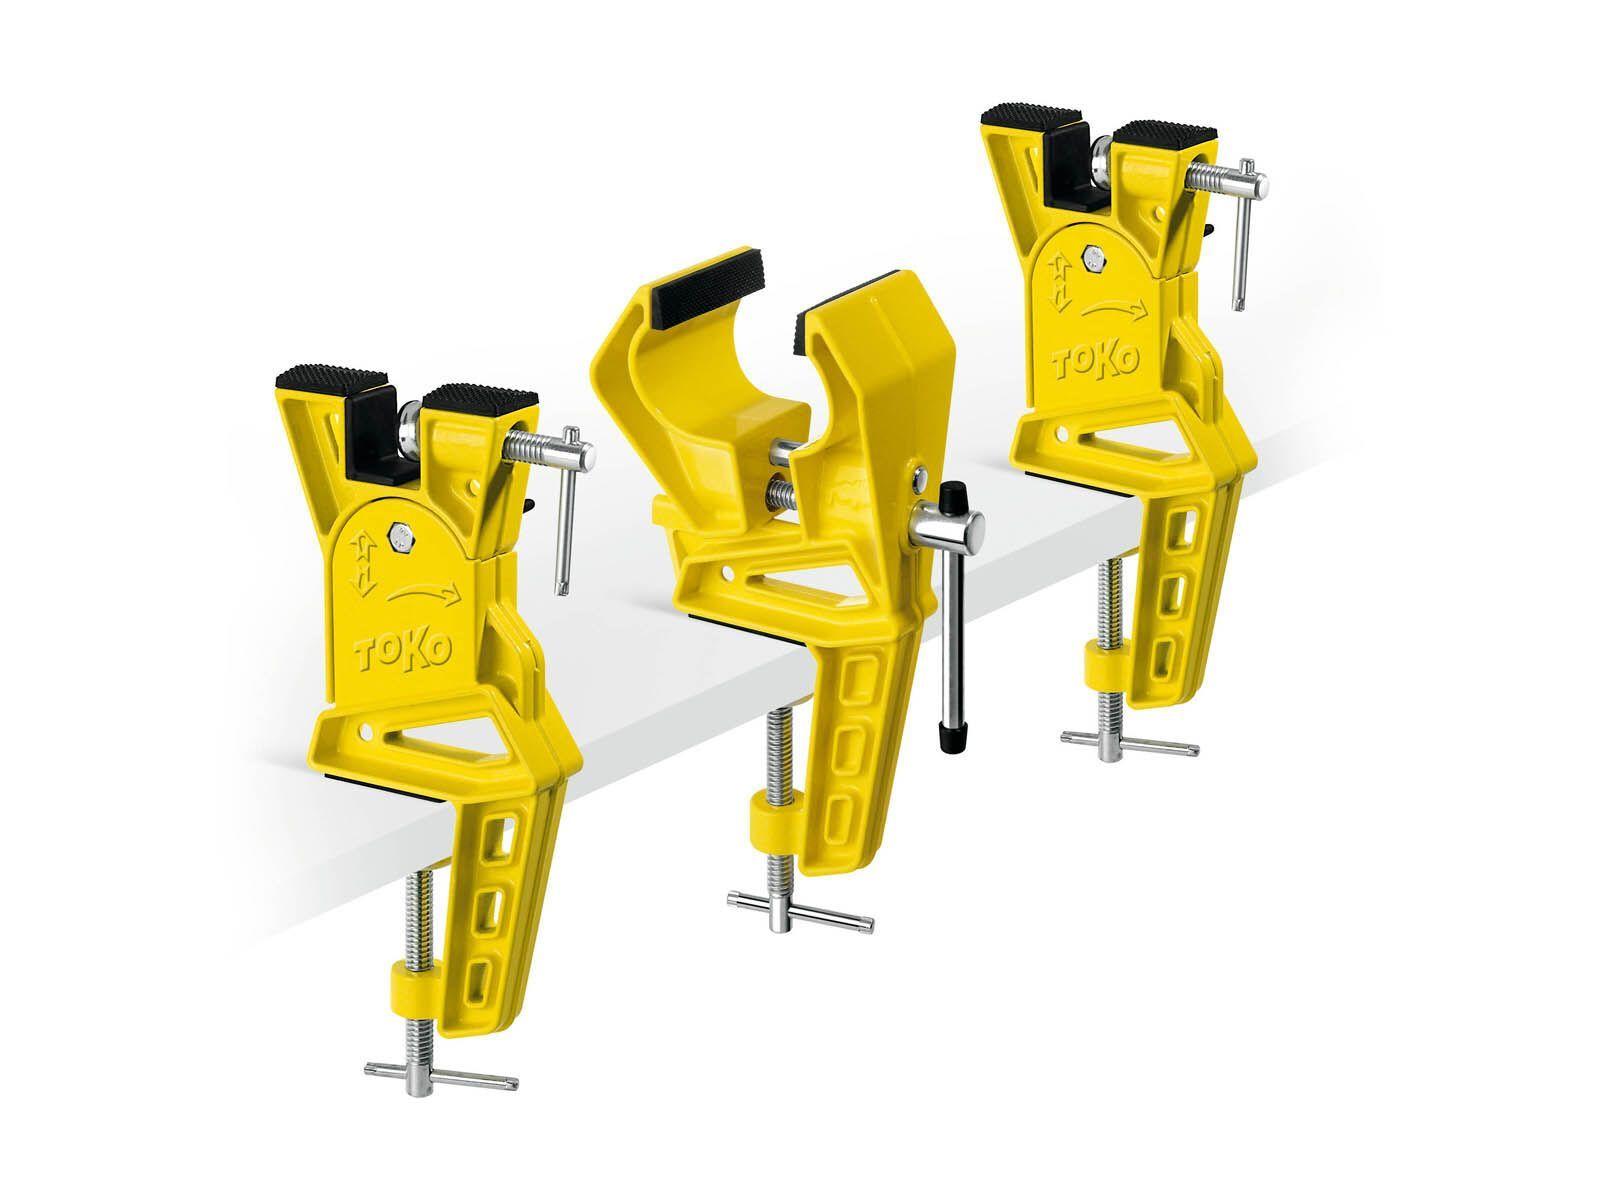 Toko Ski Vise World Cup - Einspannvorrichtung 5560035